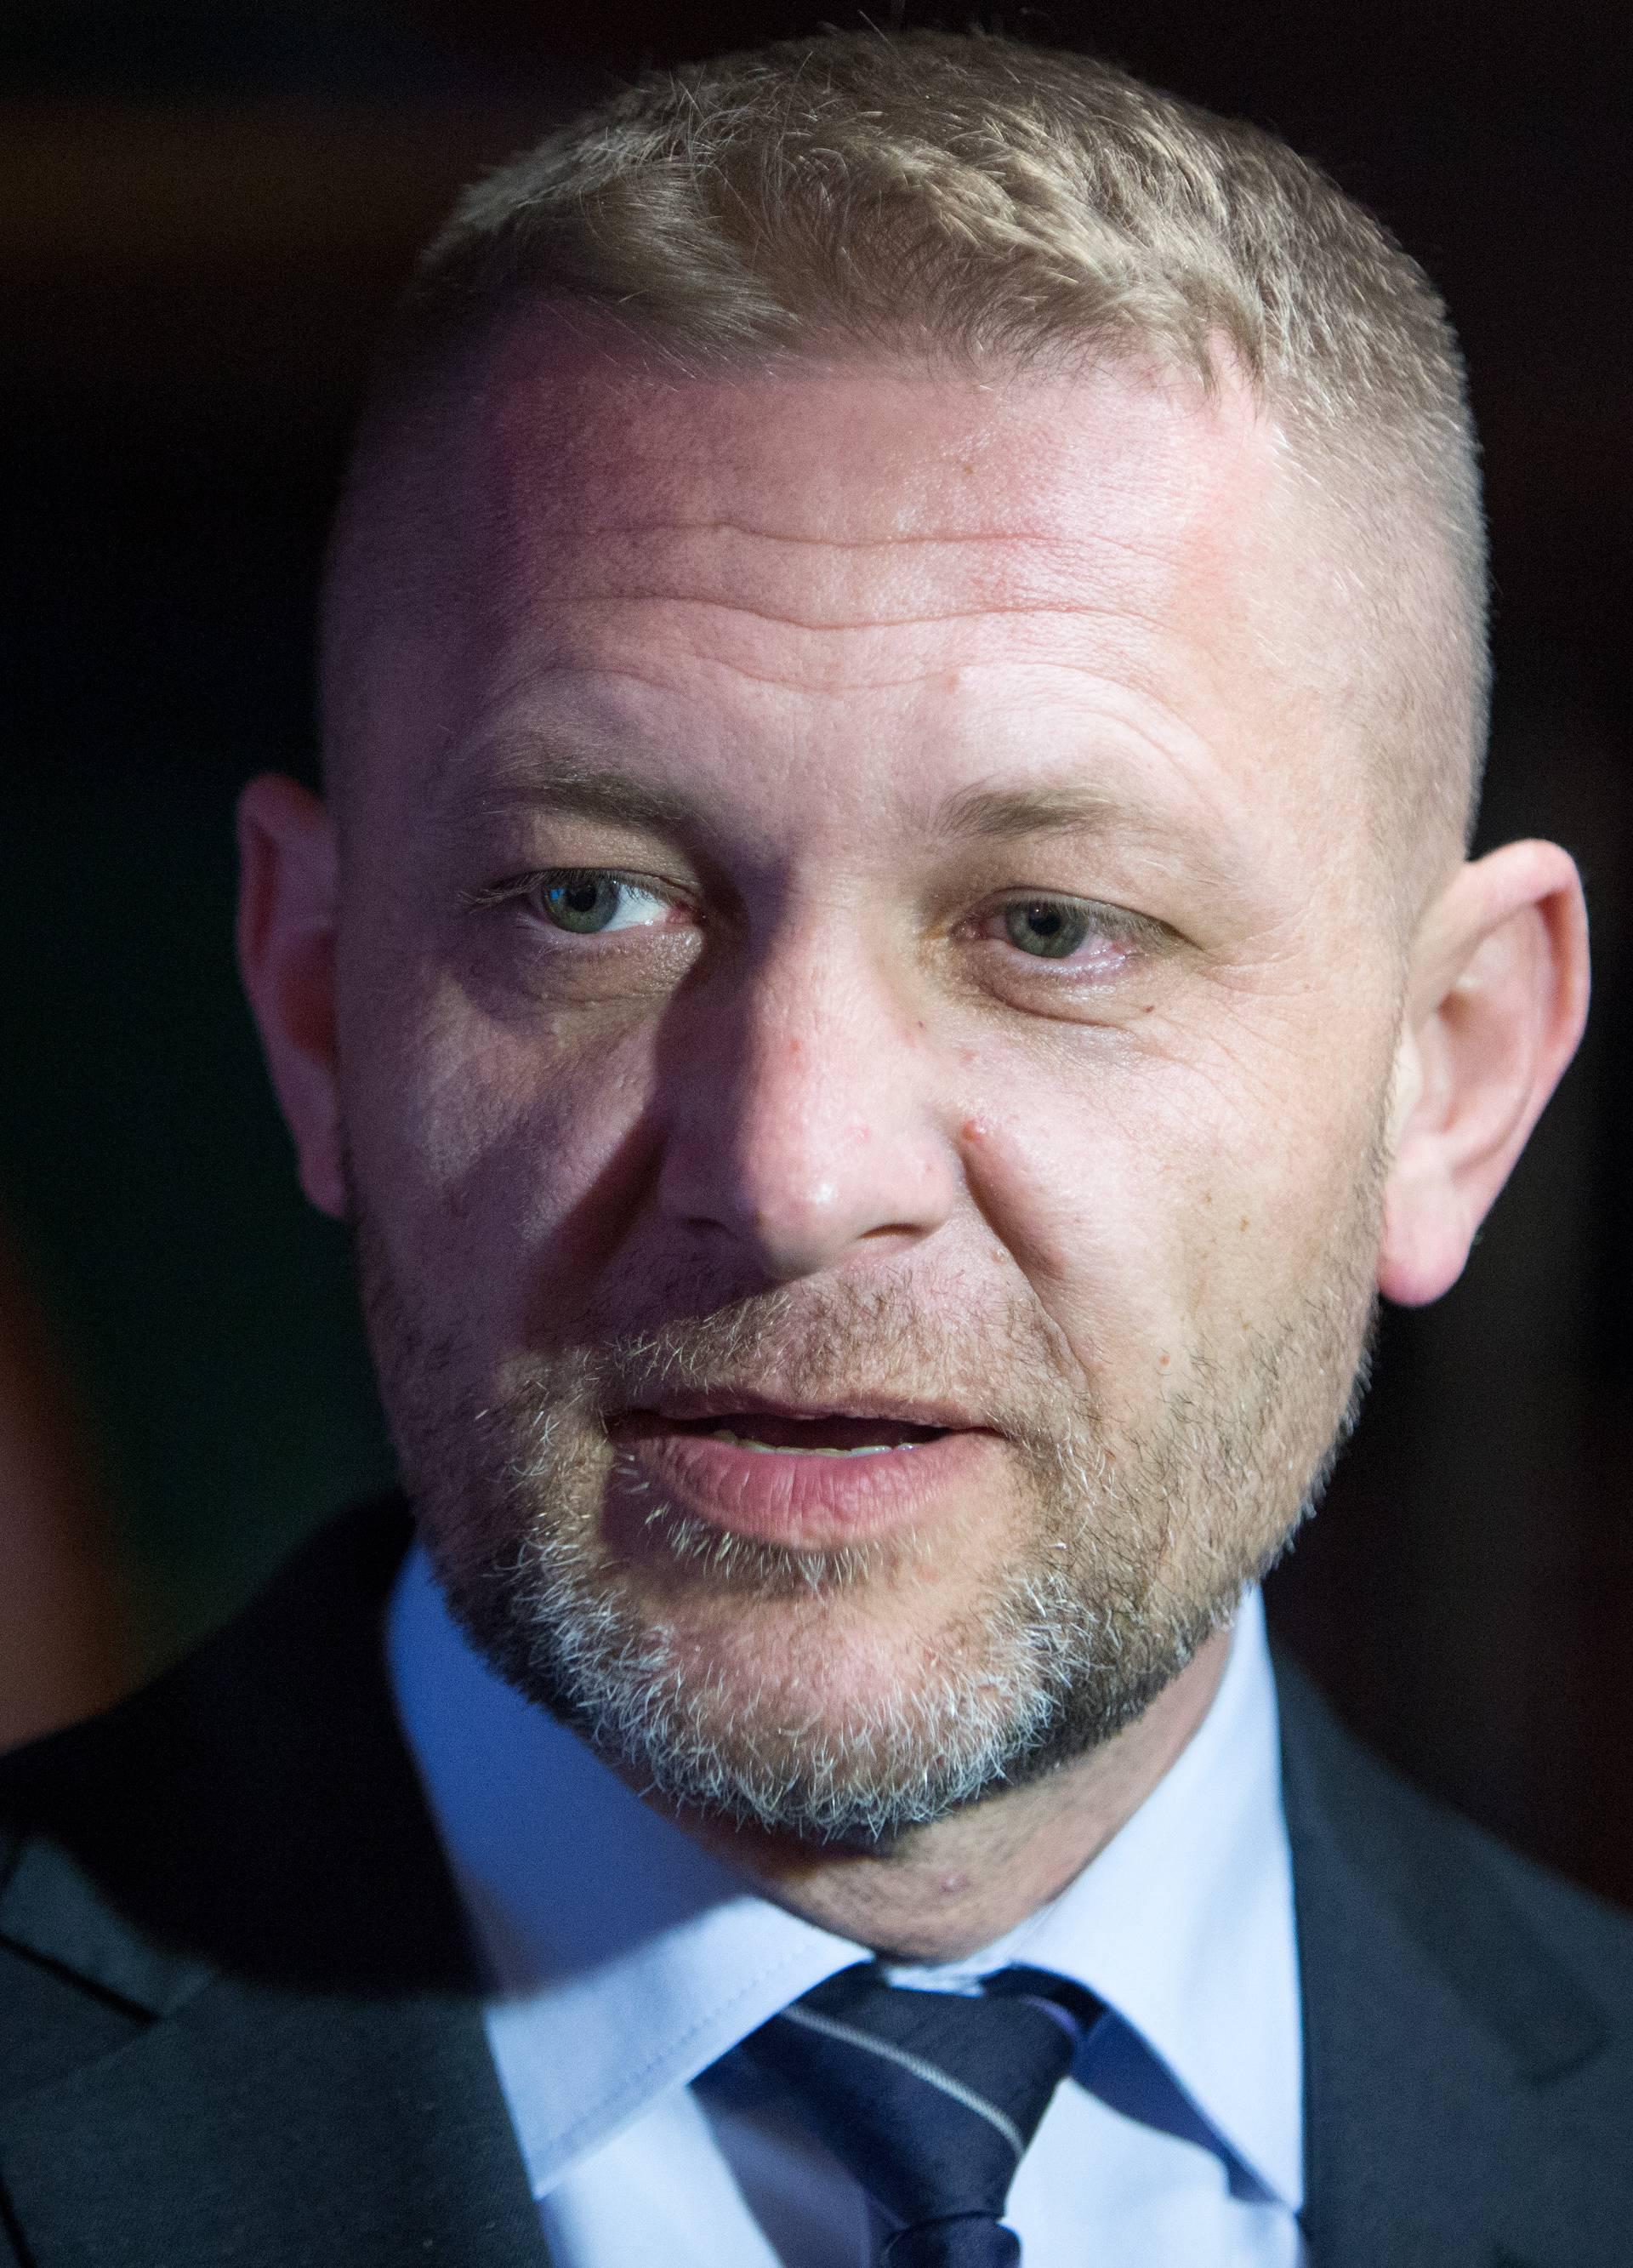 Glavni odbor: HSS napustio Europsku pučku stranku